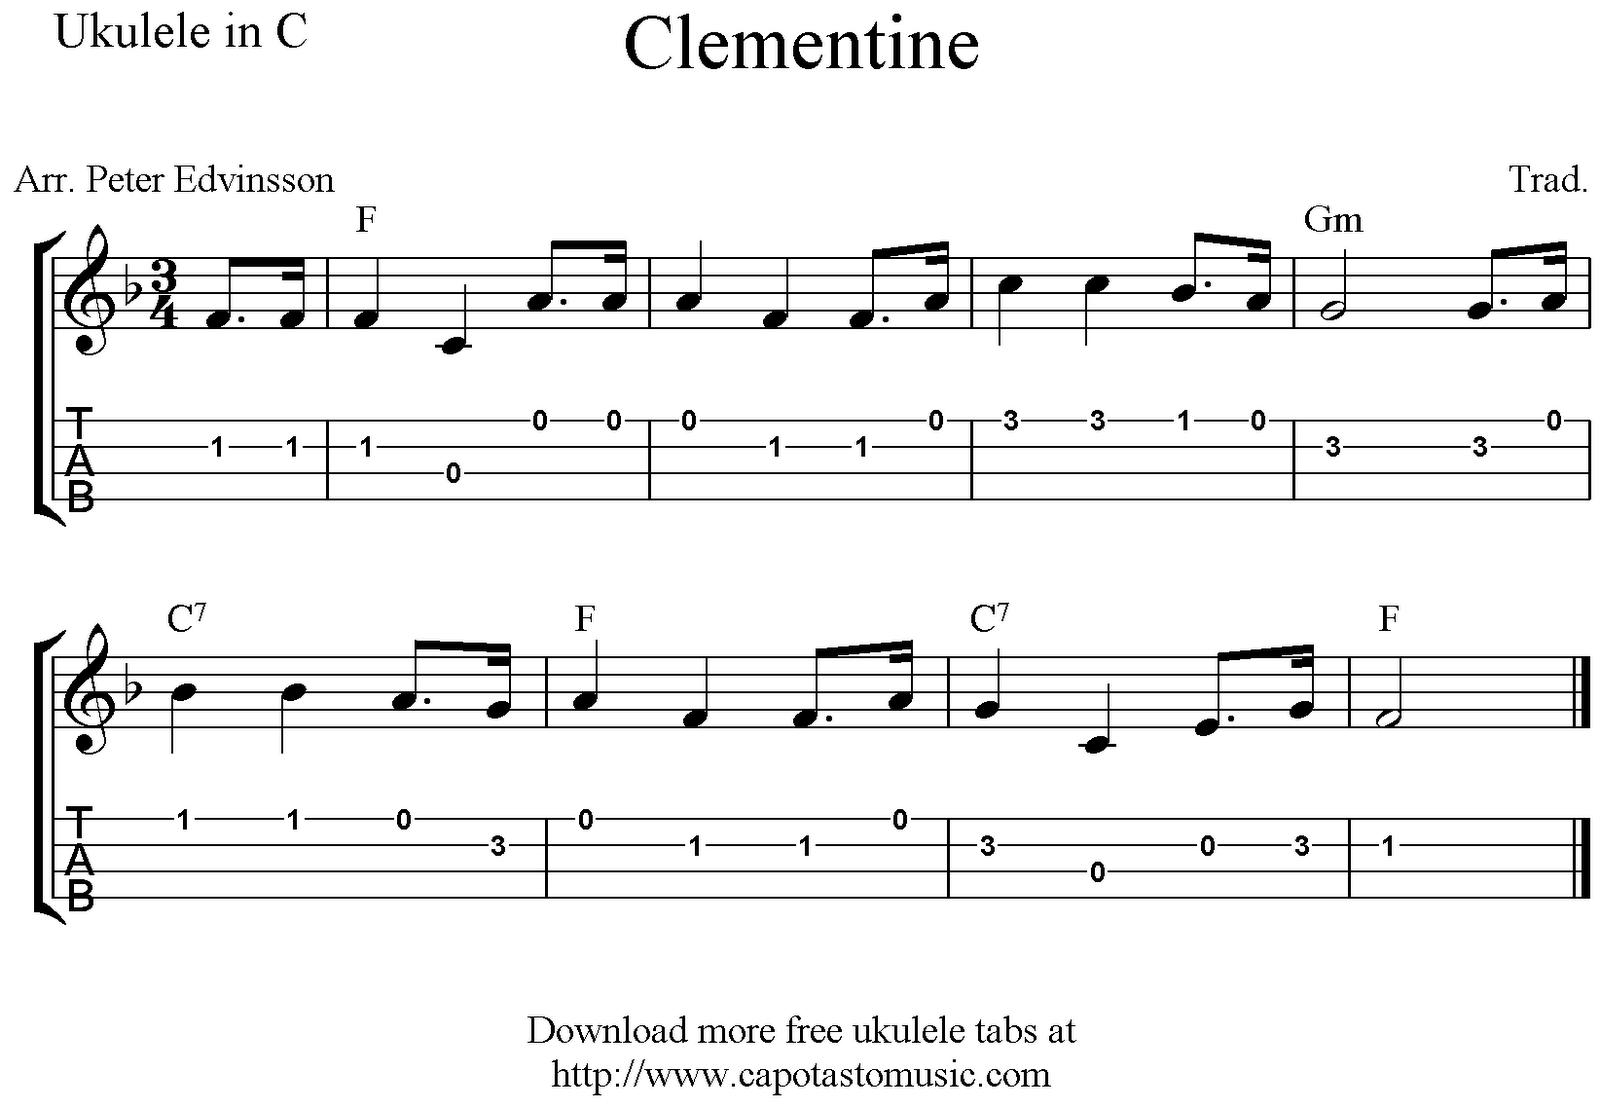 Clementine, Free Easy Ukulele Tab Sheet Music - Free Printable Ukulele Songs